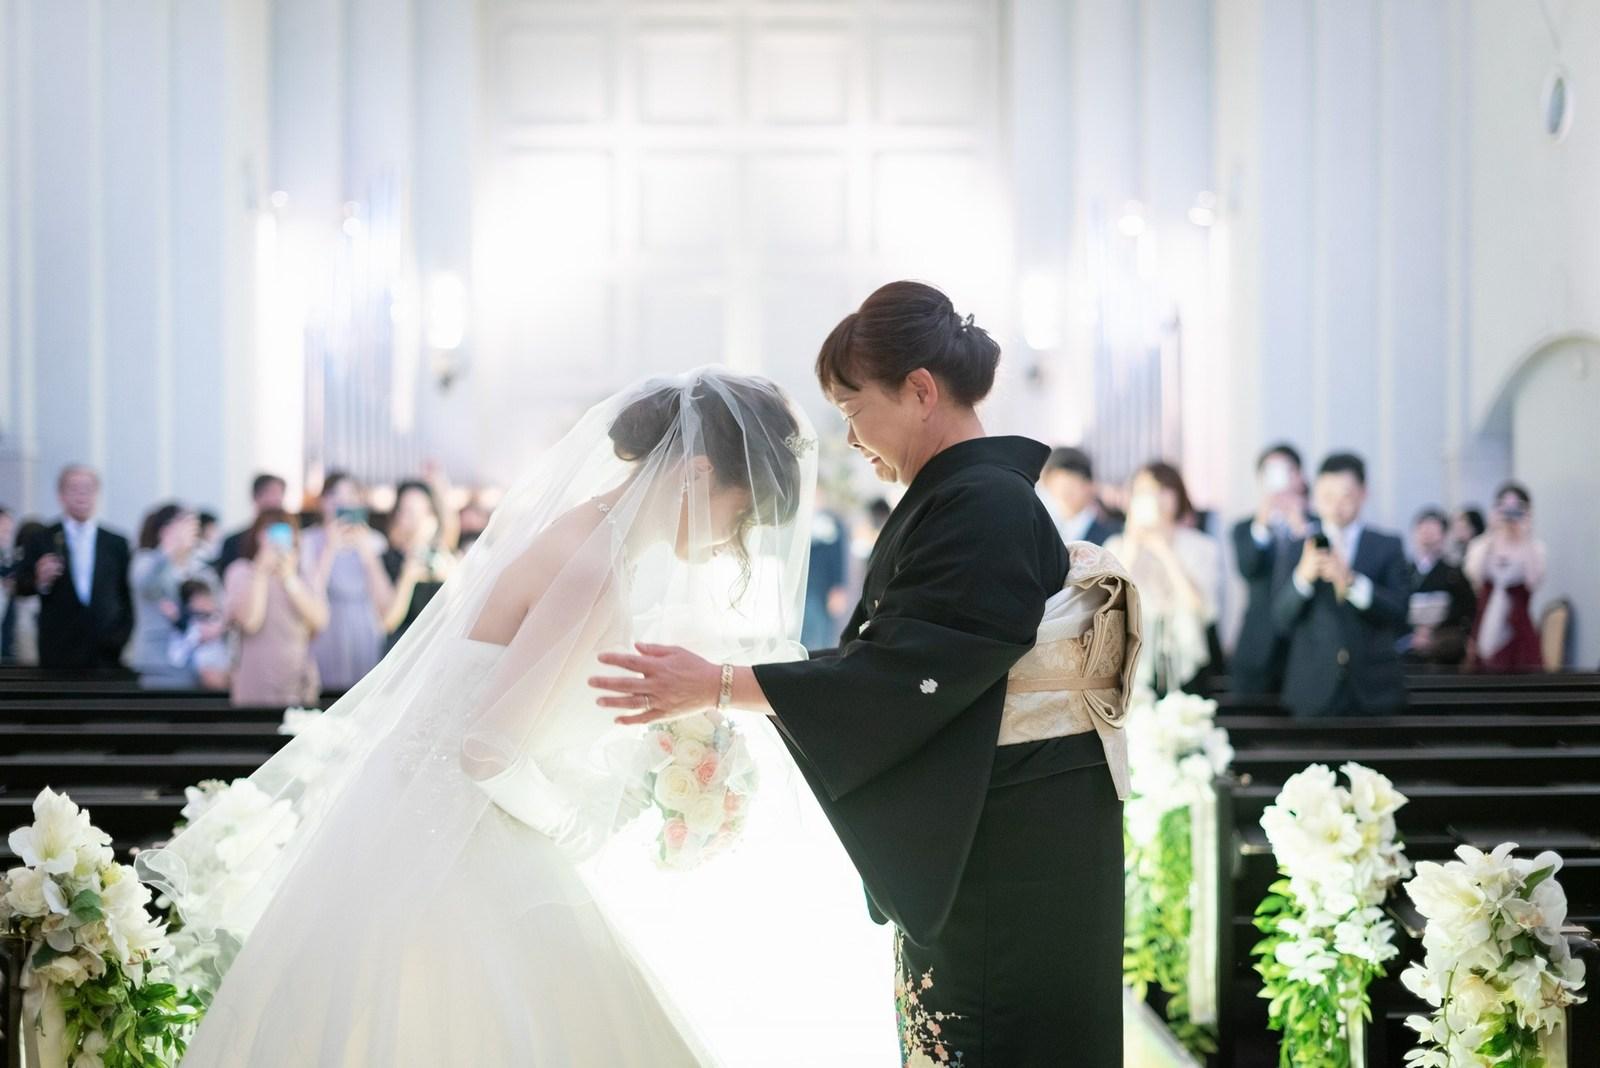 香川県の結婚式場のシェルエメール&アイスタイル ベールダウン